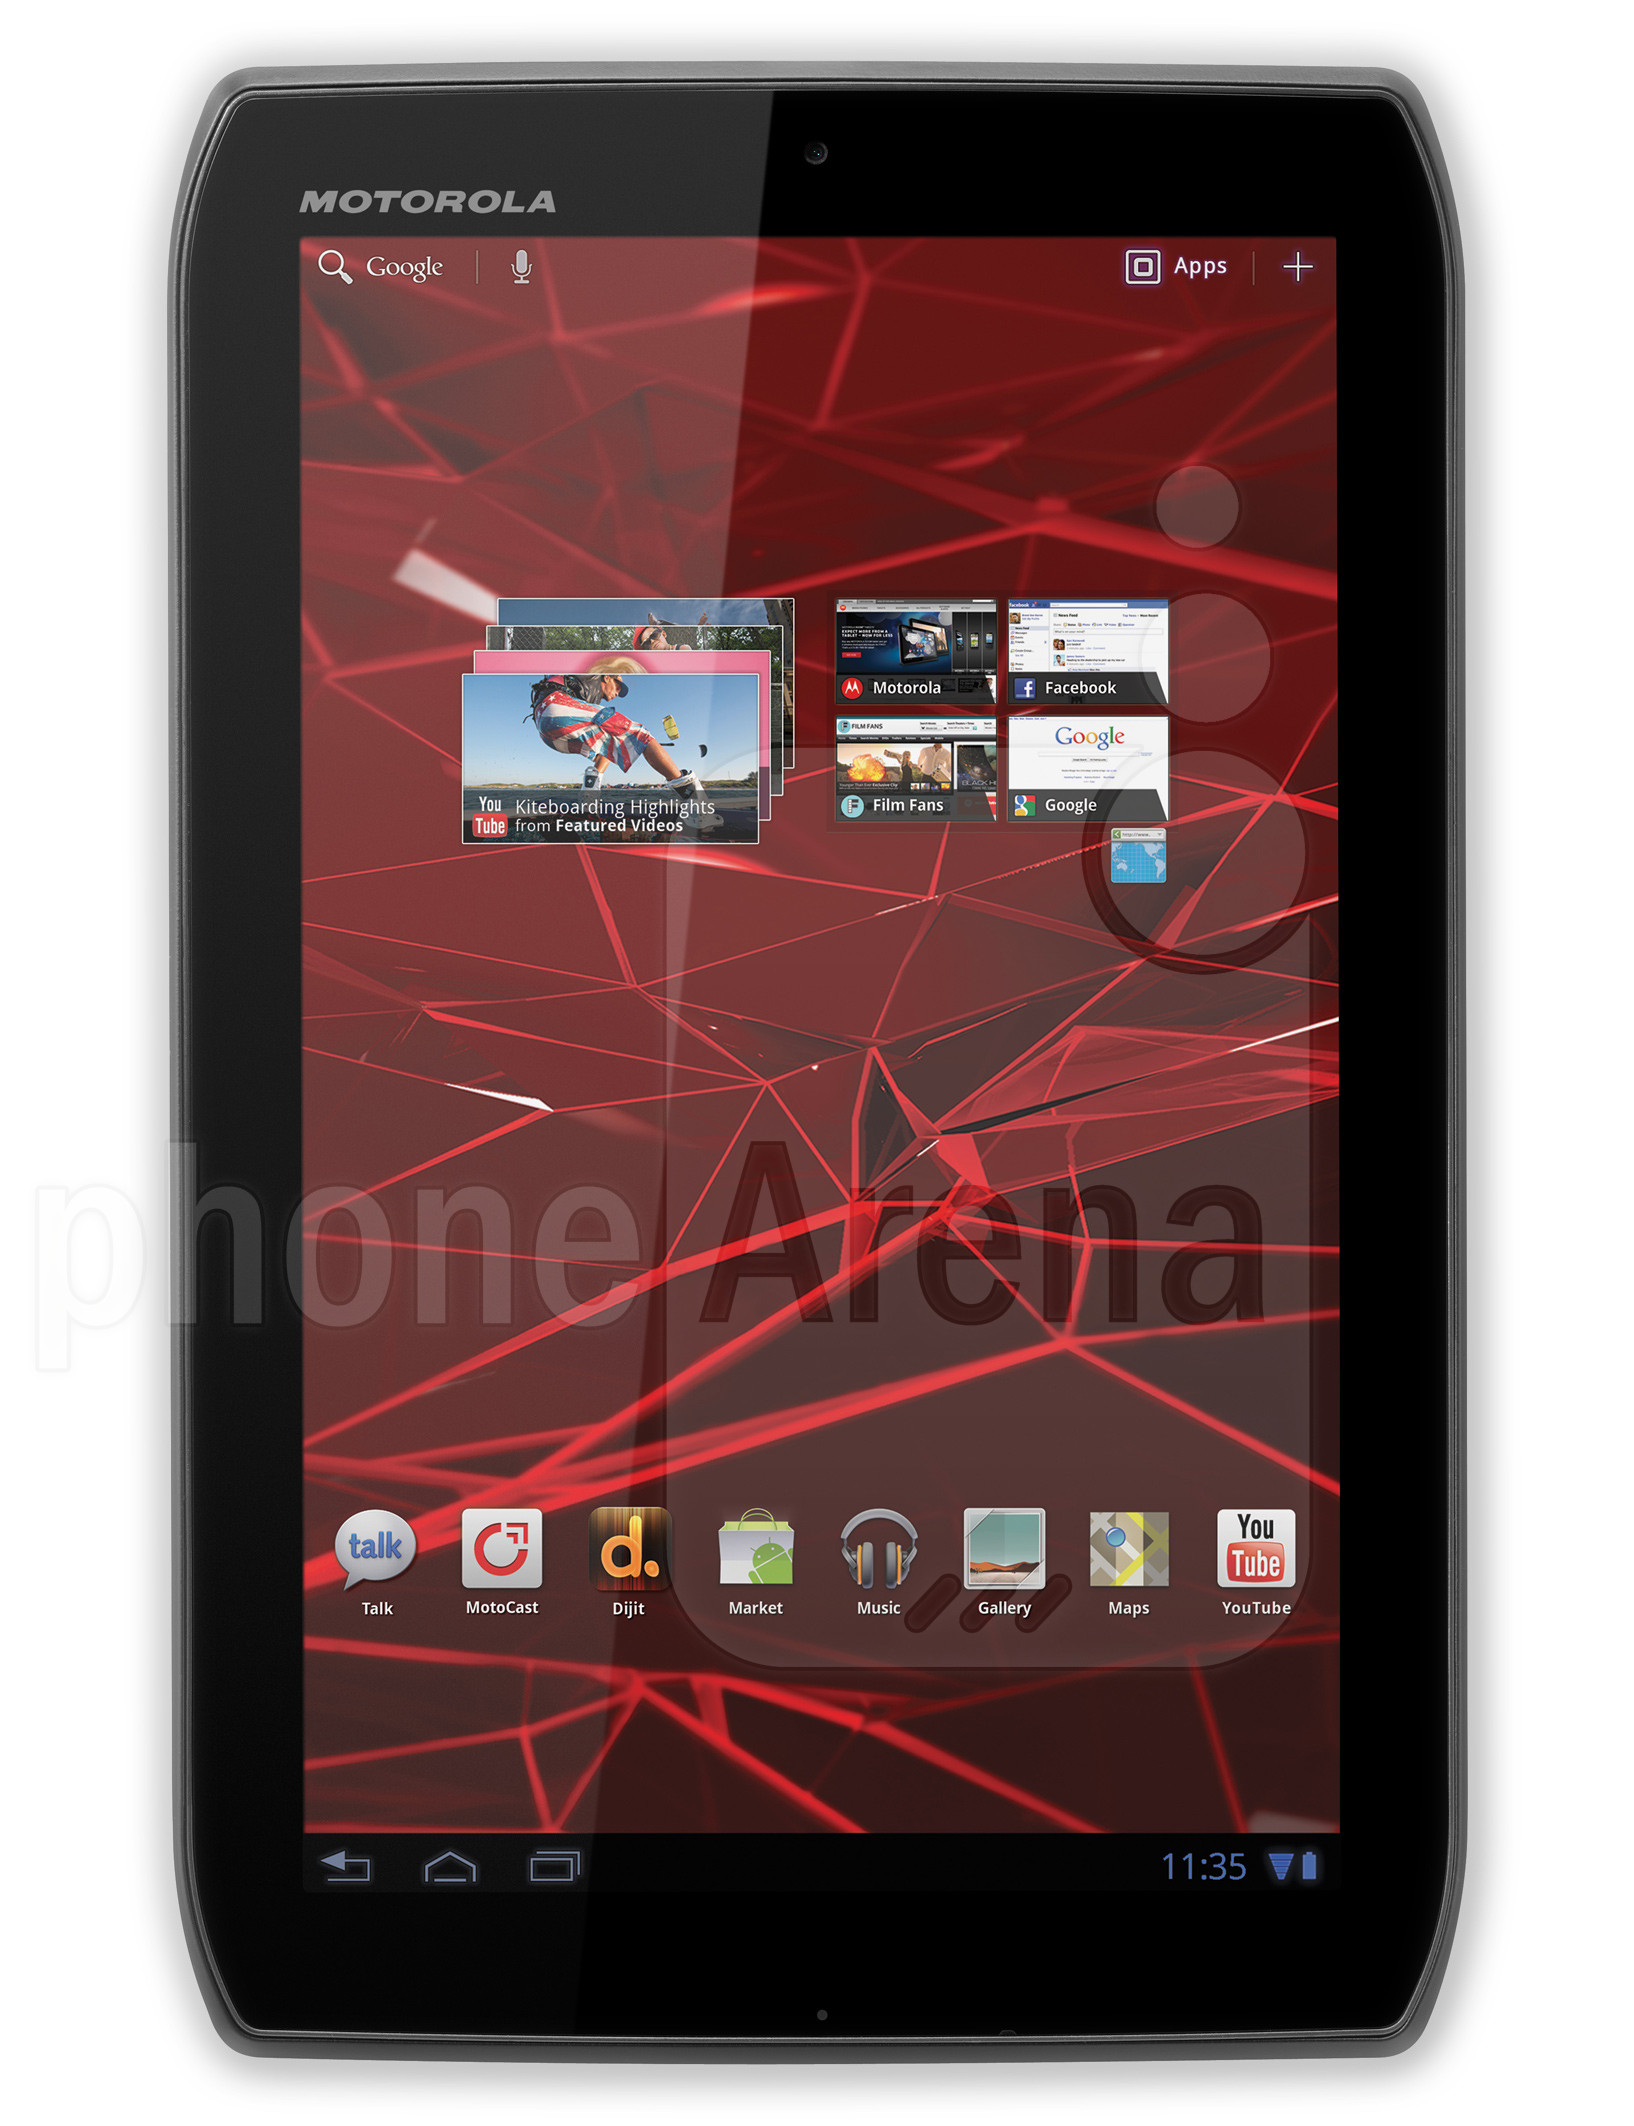 Motorola DROID XYBOARD 8 2 specs